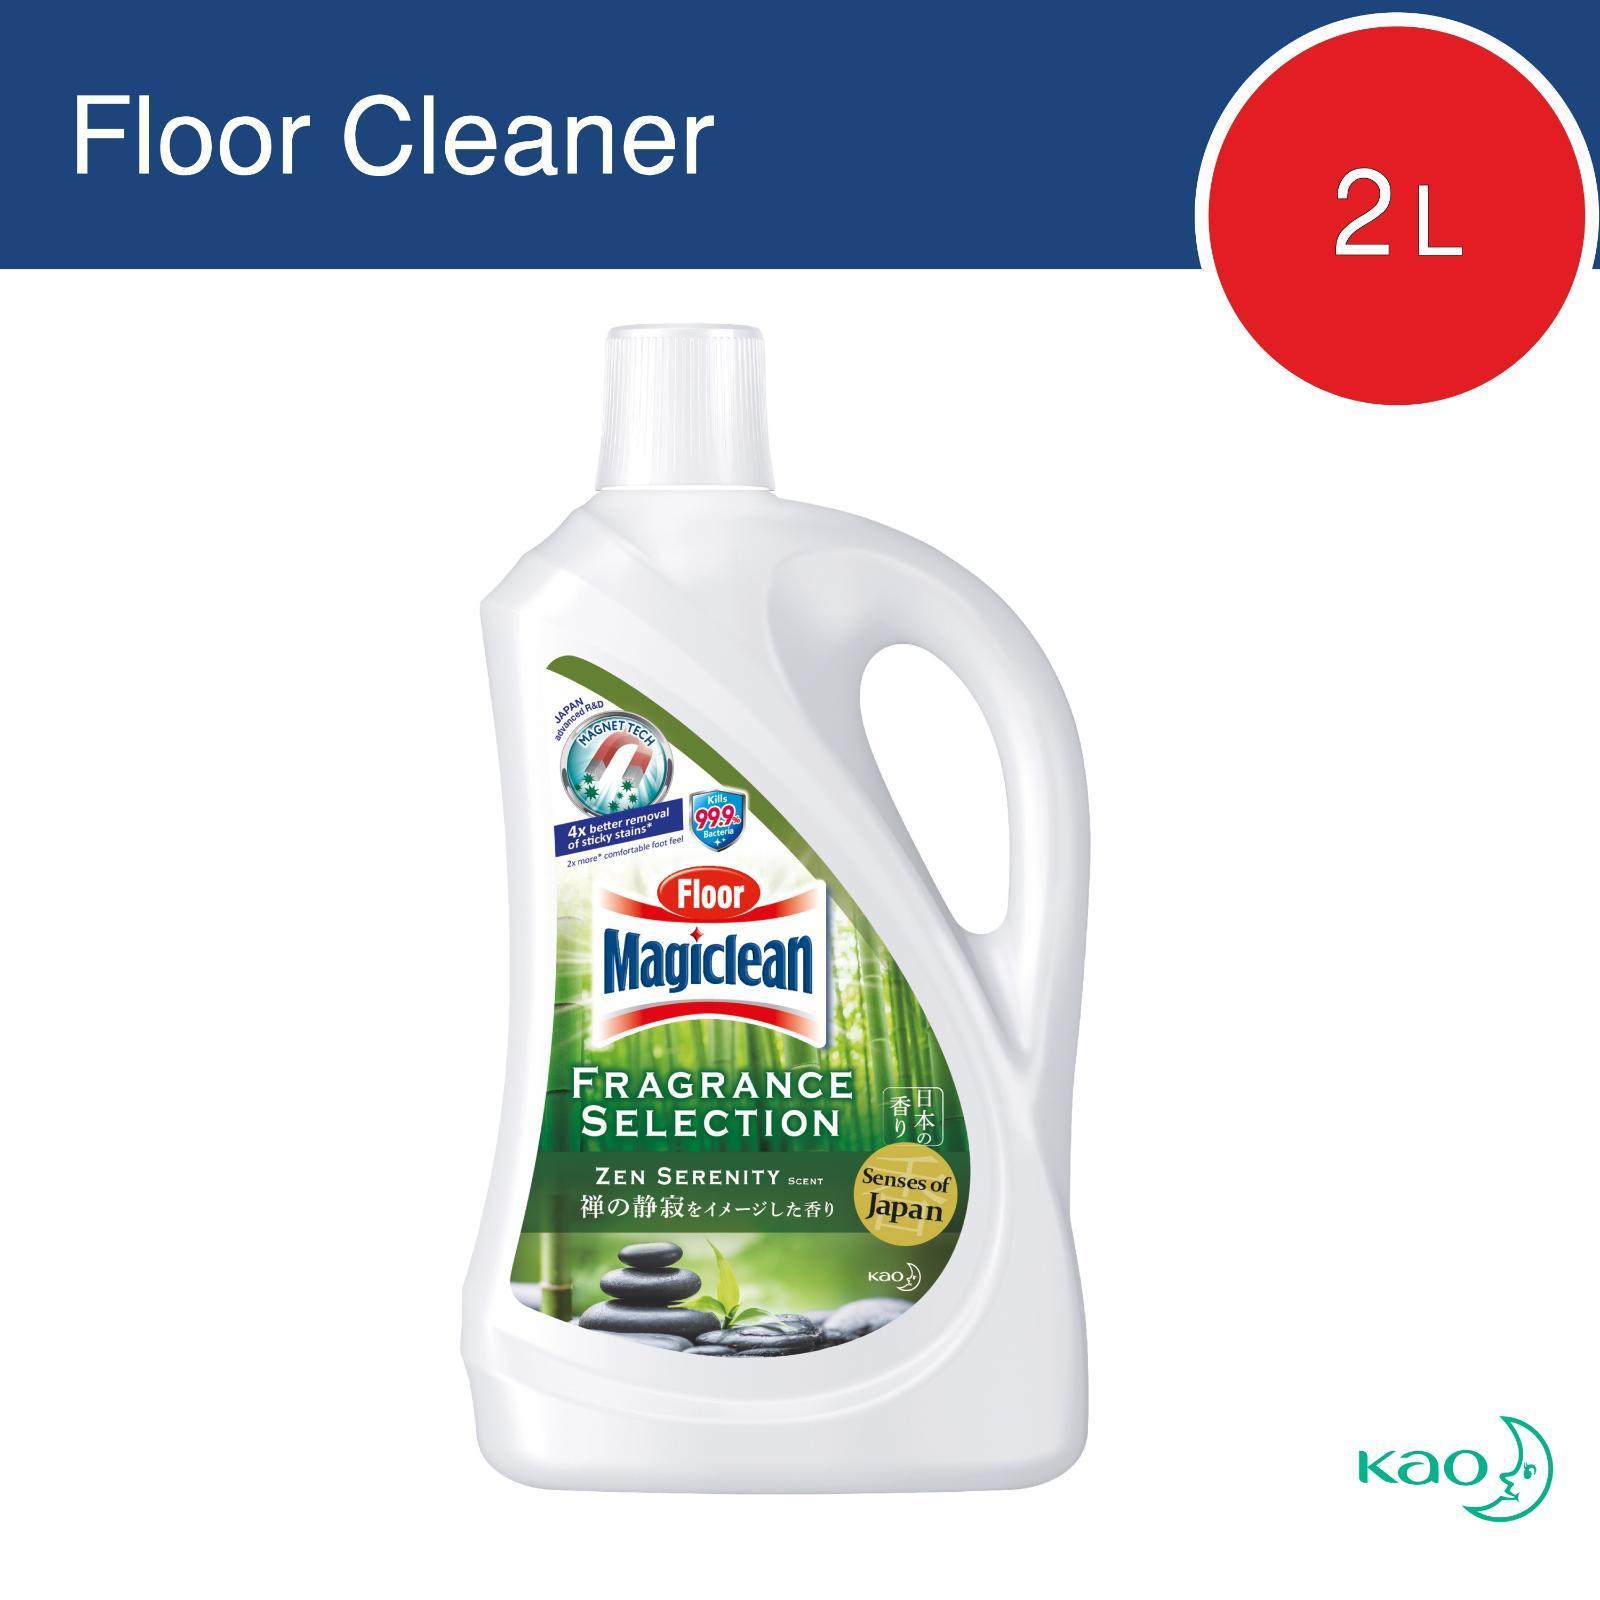 MAGICLEAN Floor Cleaner Zen Serenity 1.8L